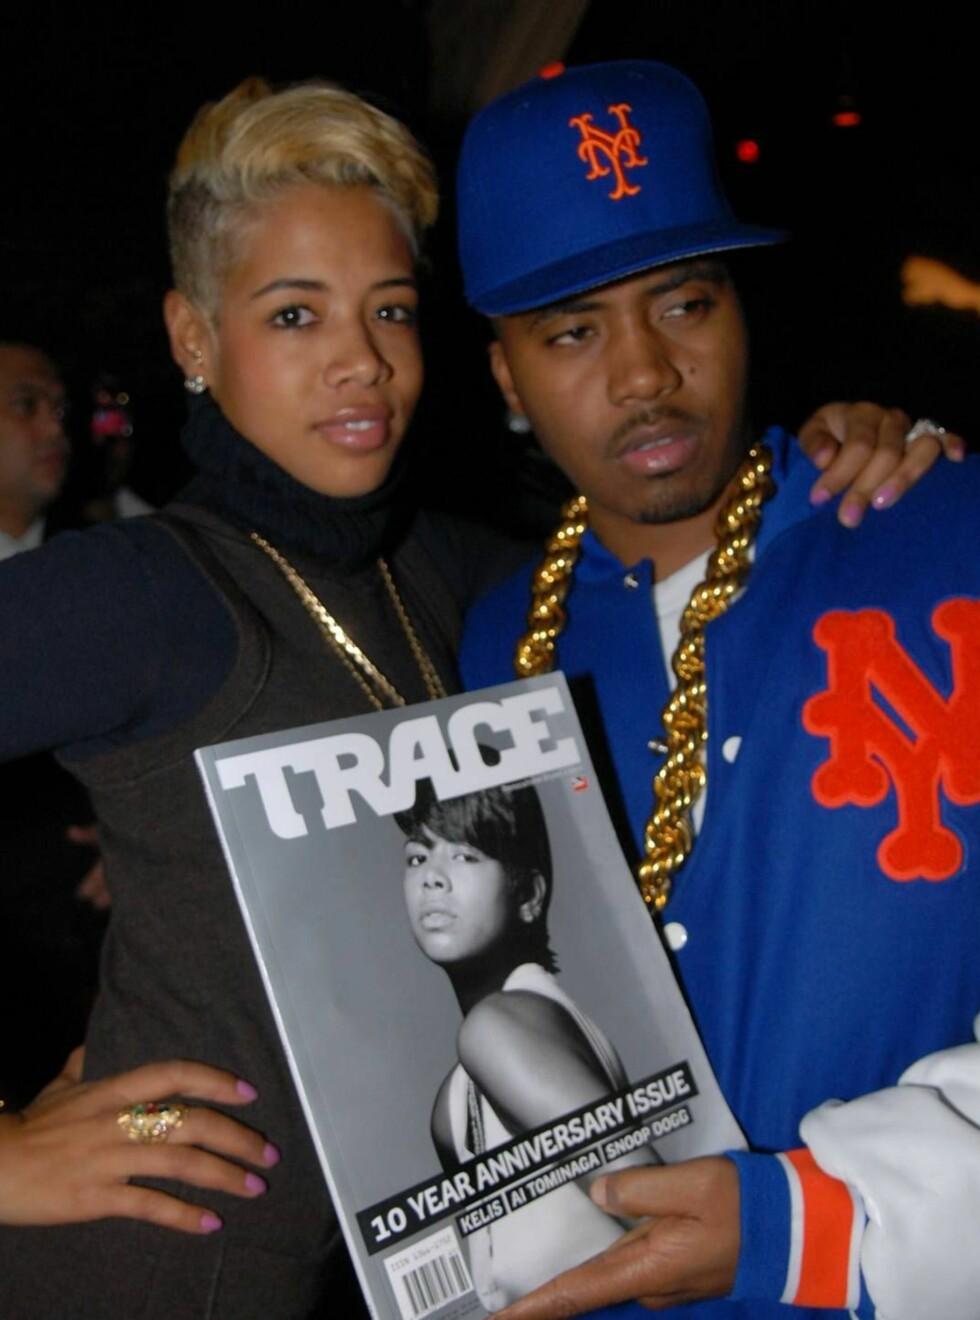 MANN OG KONE: I januar 2005 giftet Kelis seg med rapperen Nas. Var det han som betalte for kausjonen? Foto: All Over Press